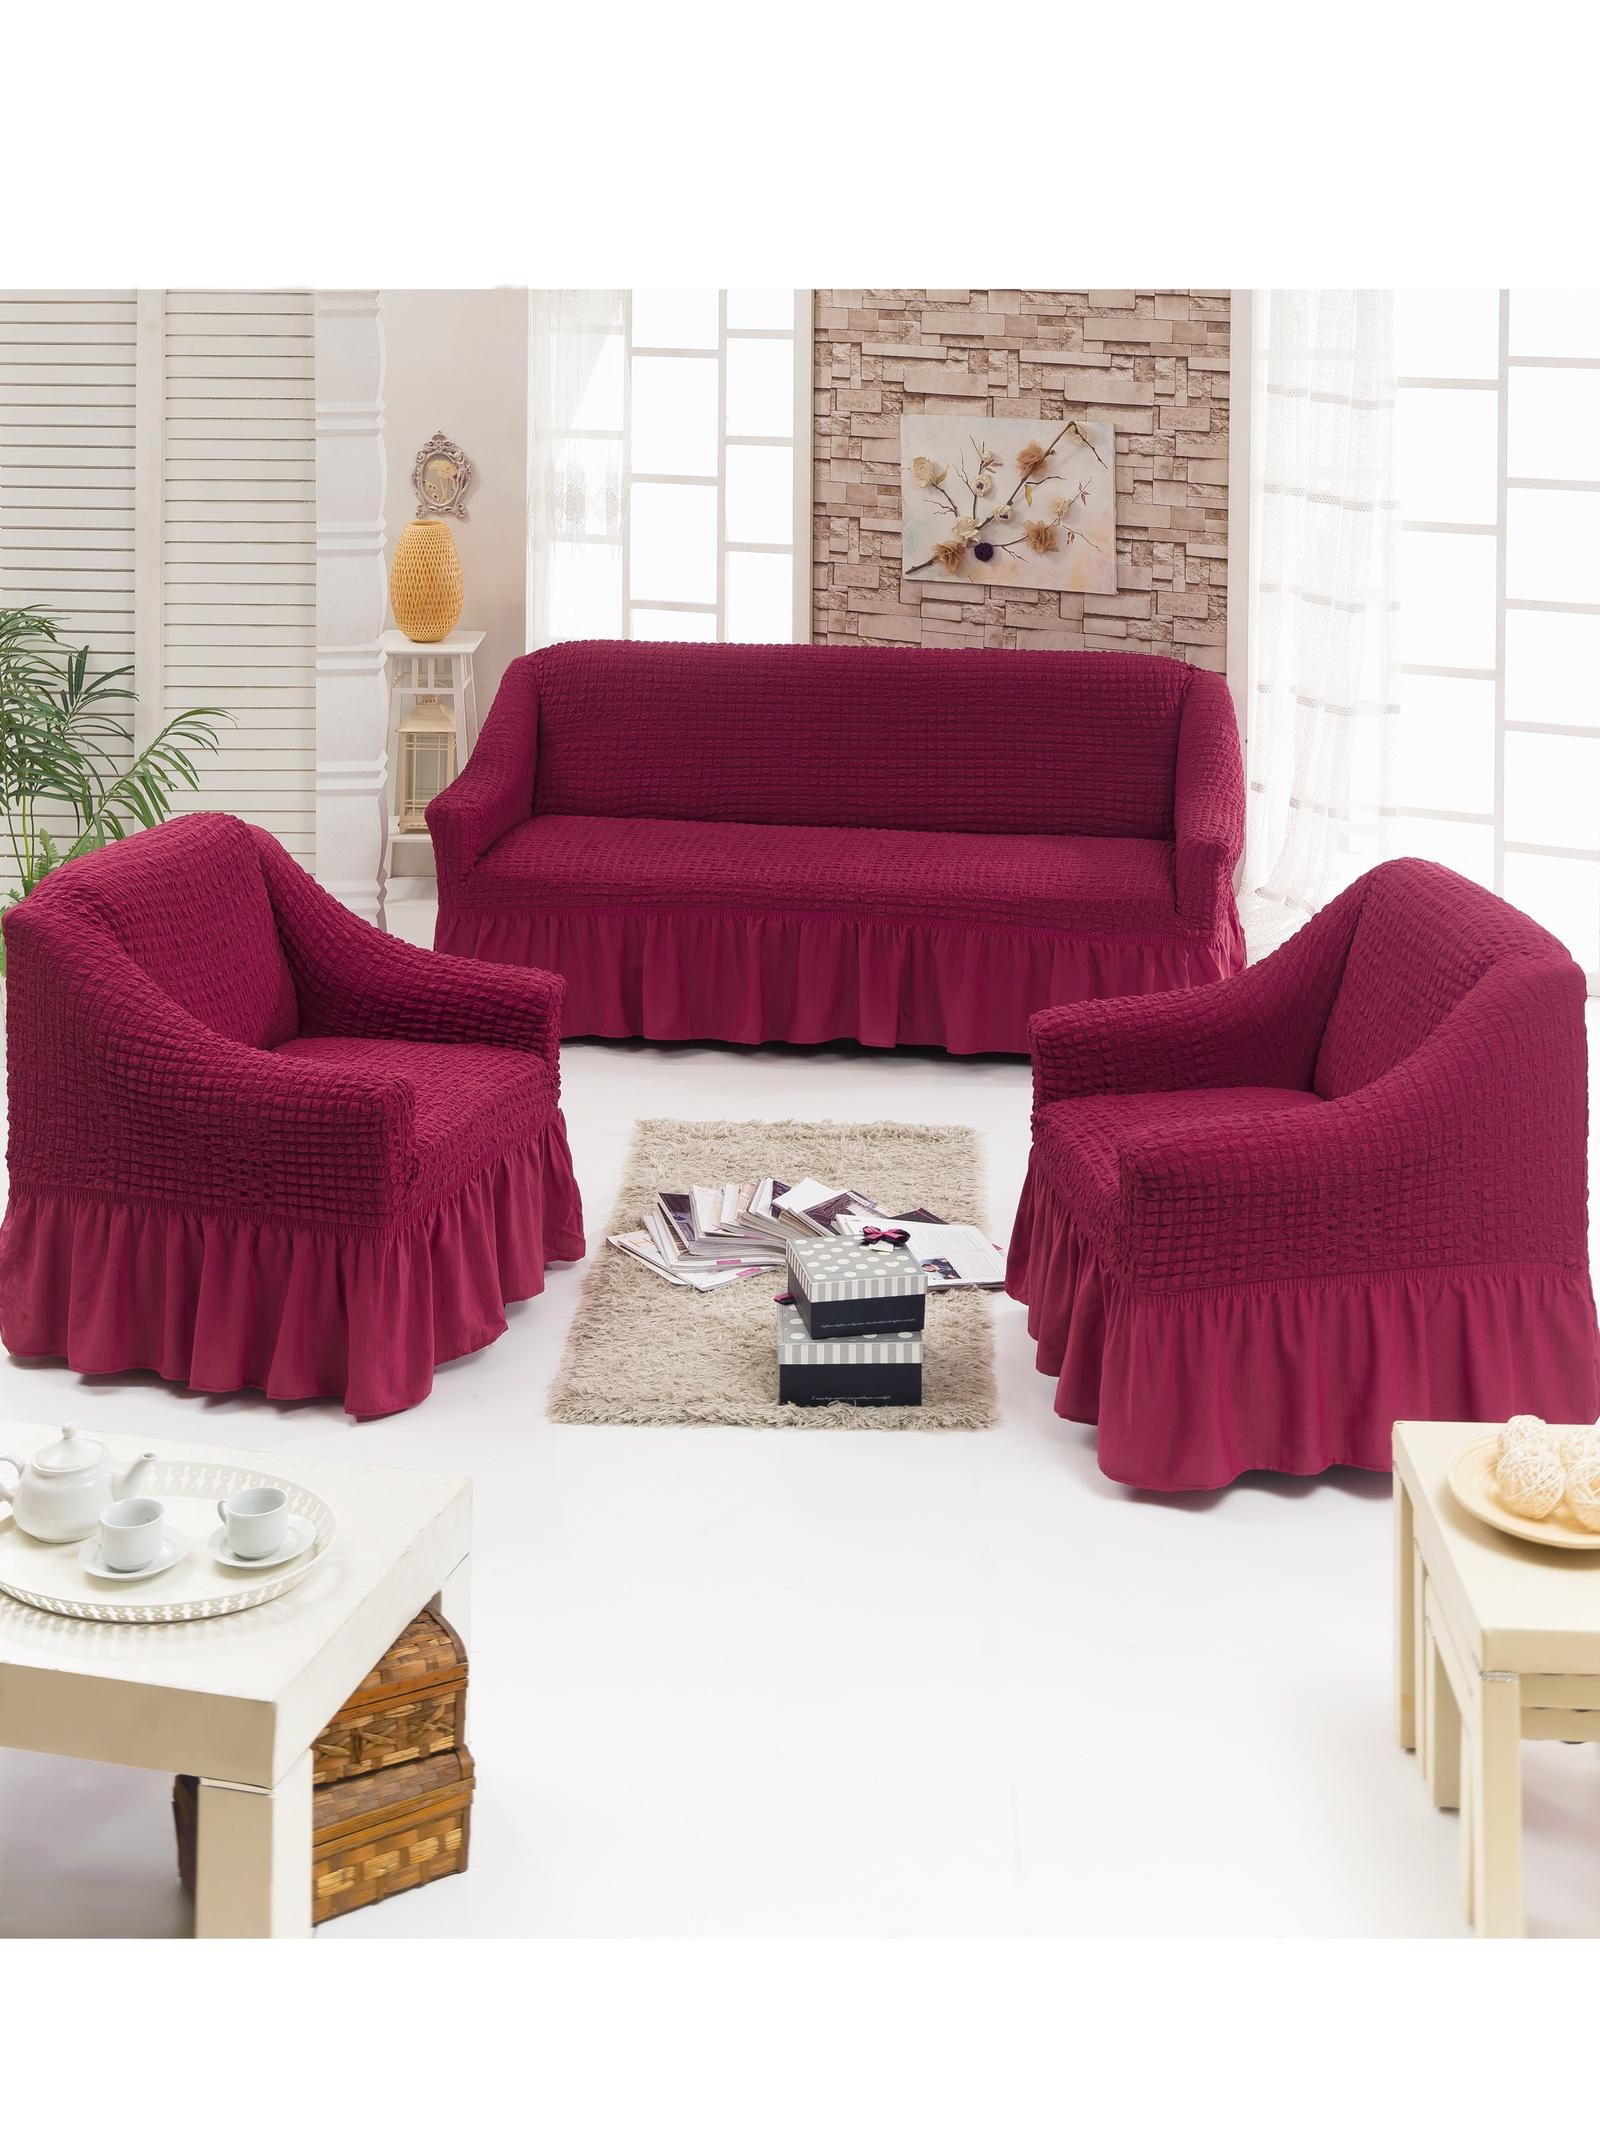 Чехол на мебель JUANNA д/мягкой мебели 3-х пр.(3+1+1) JUANNA_бордовый, бордовый